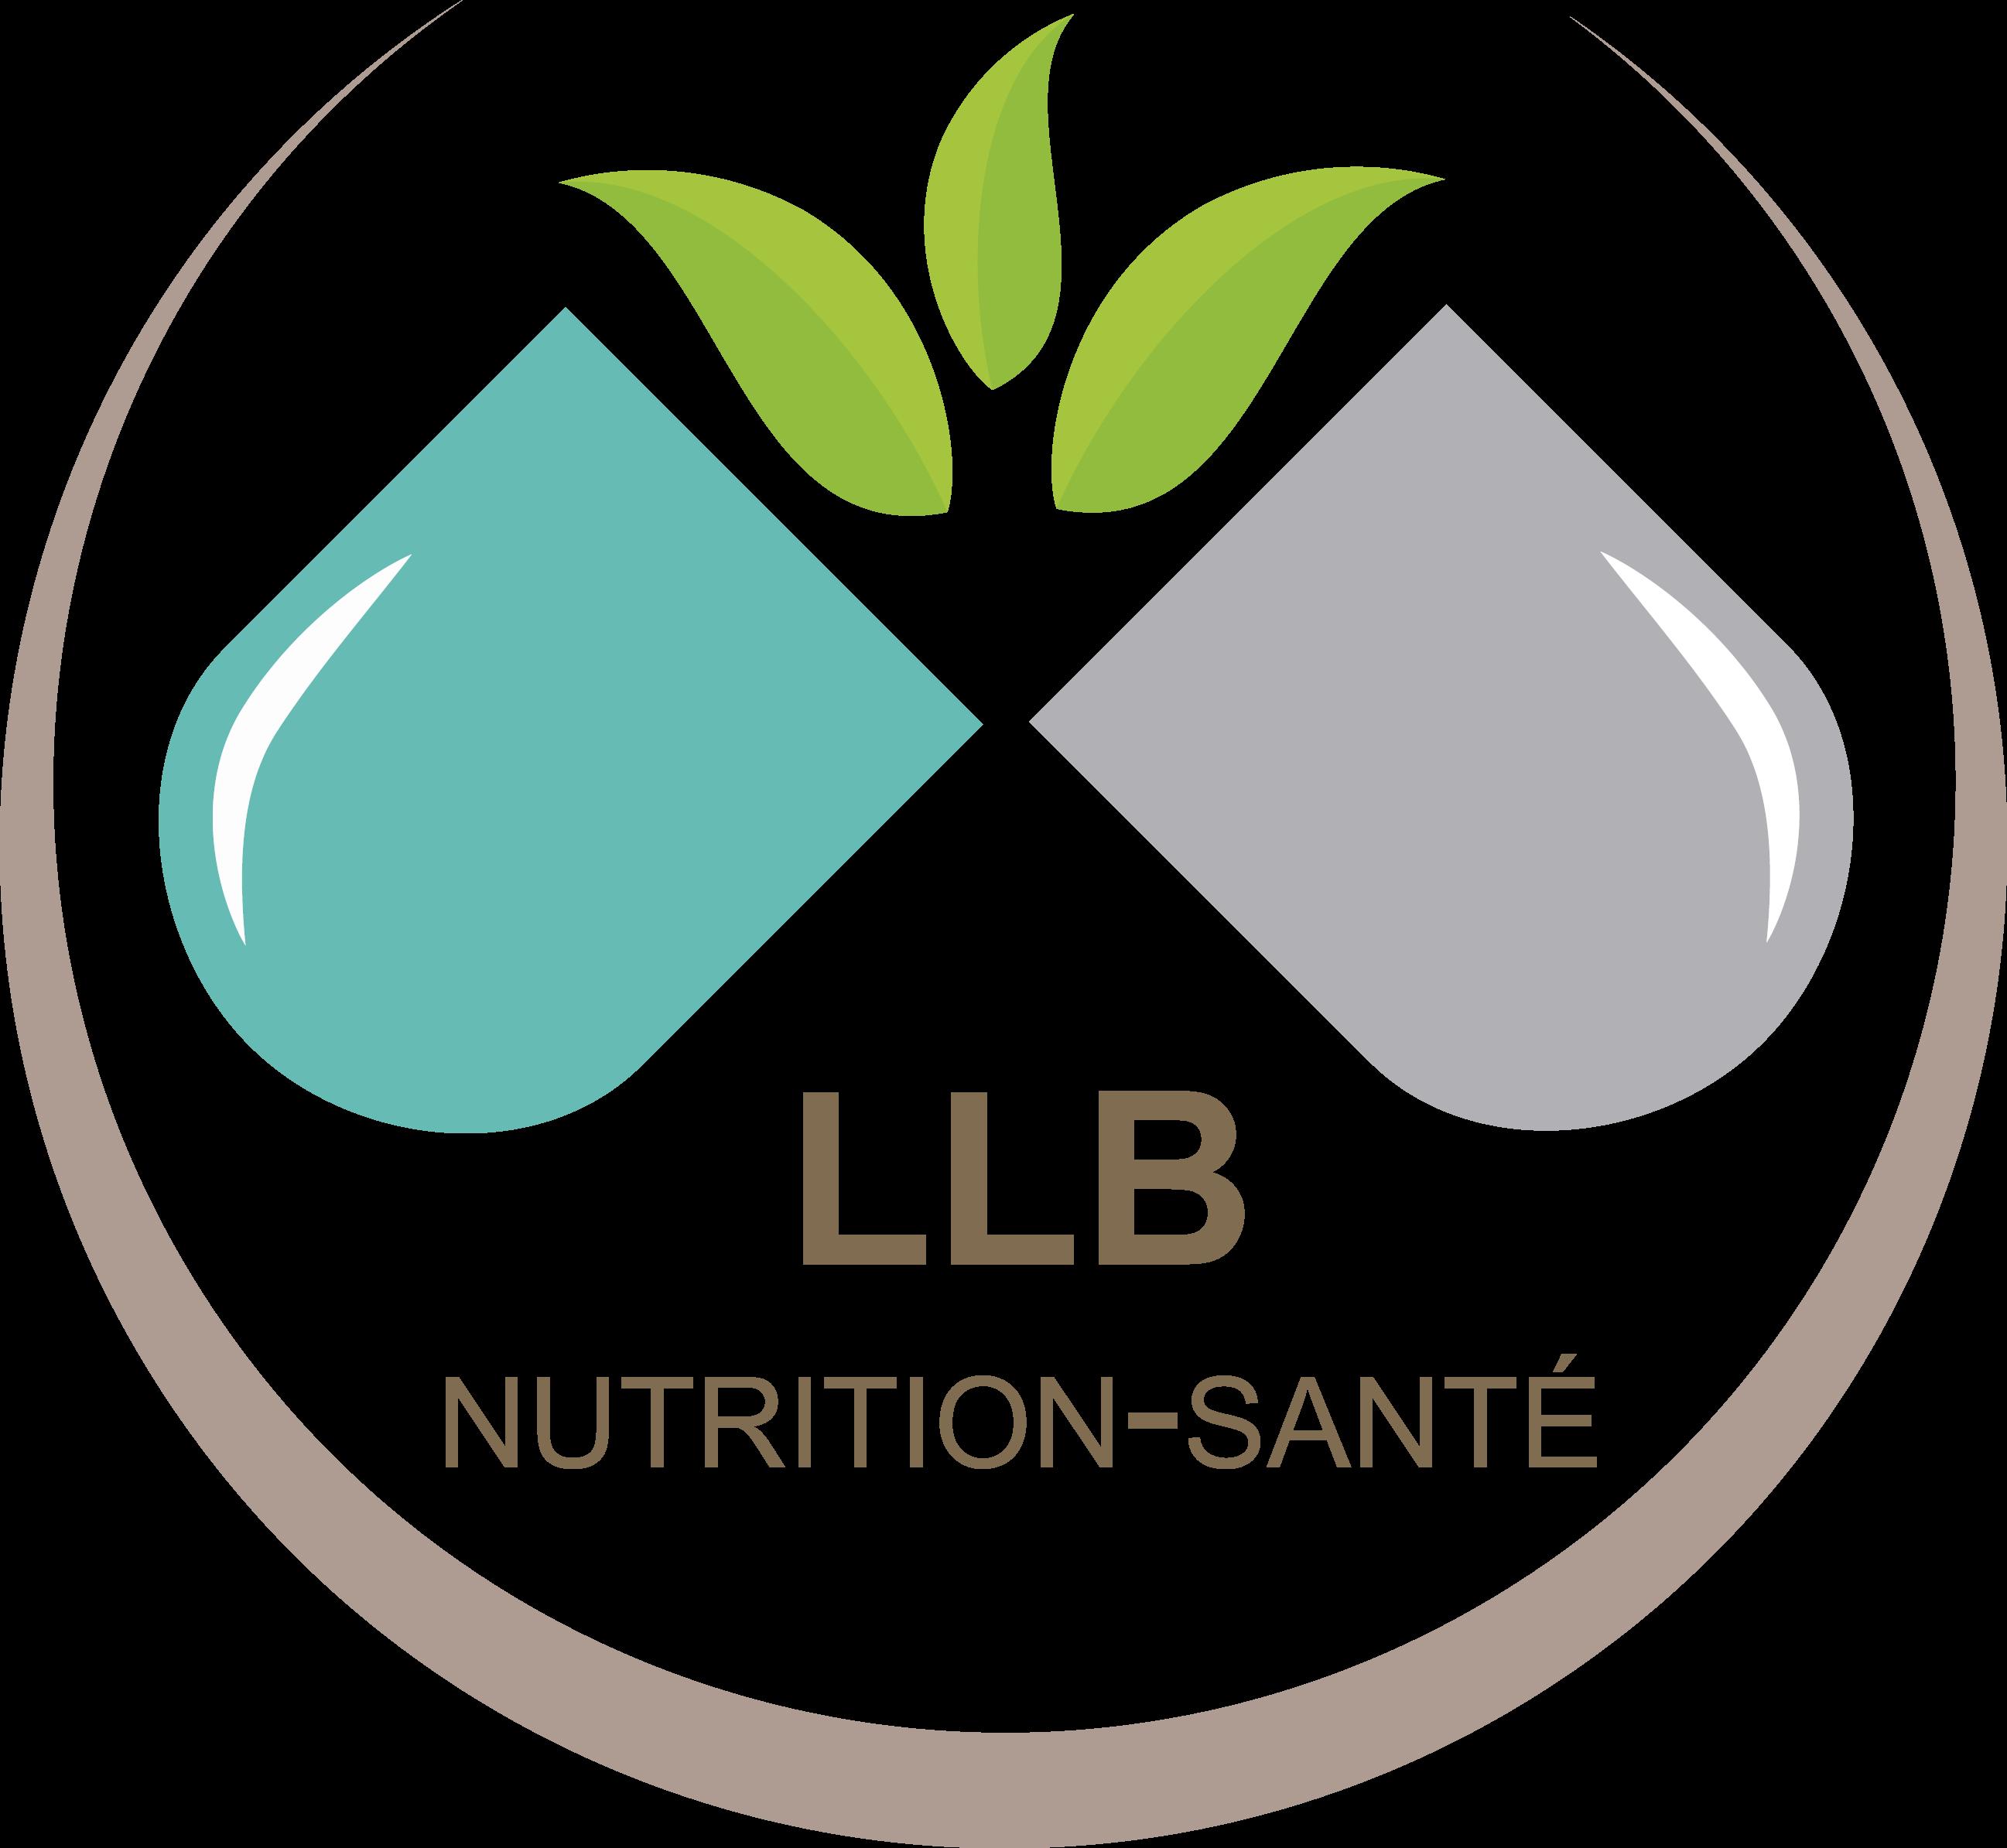 LLB nutrition-santé